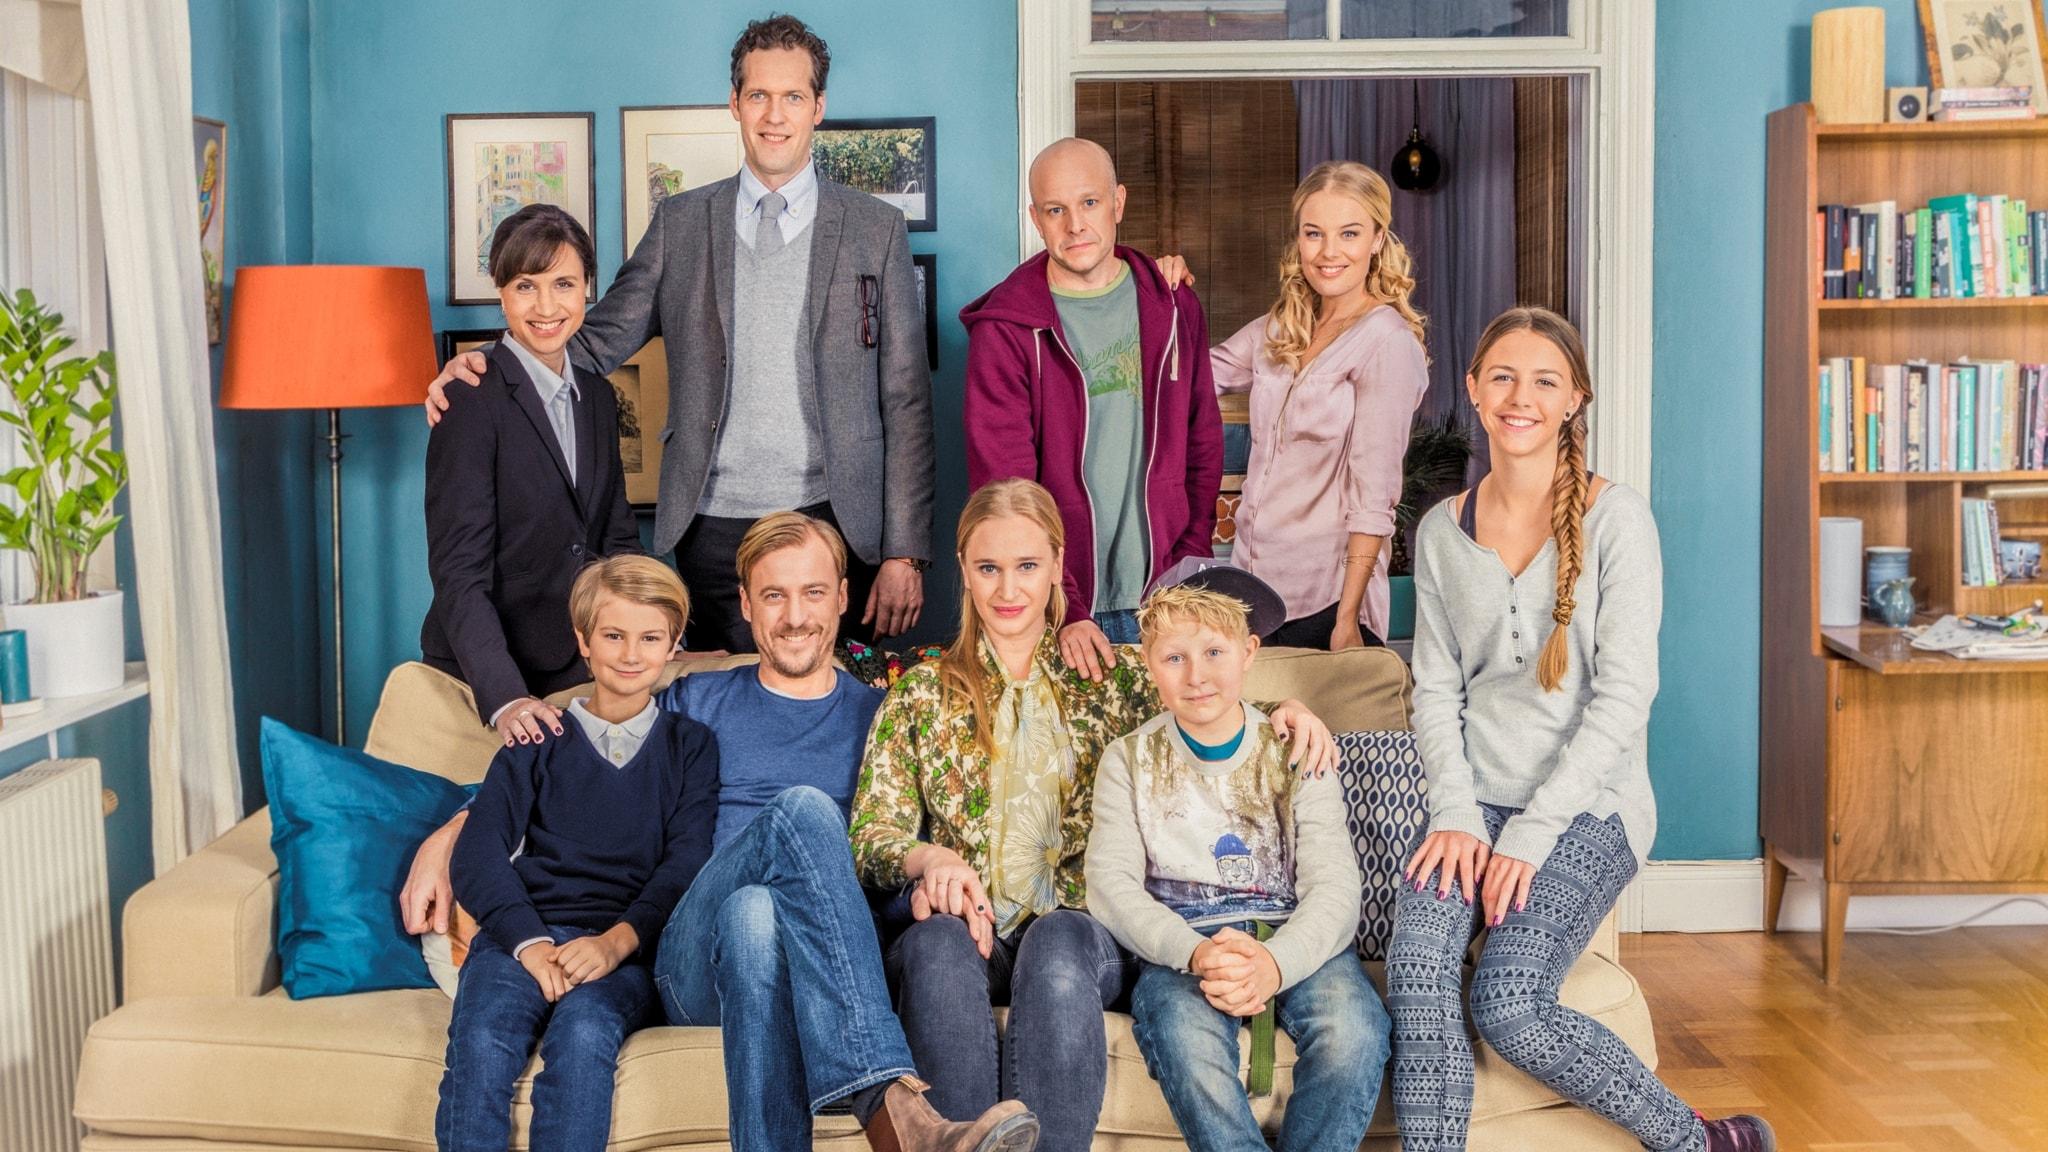 finaste familjen medverkande